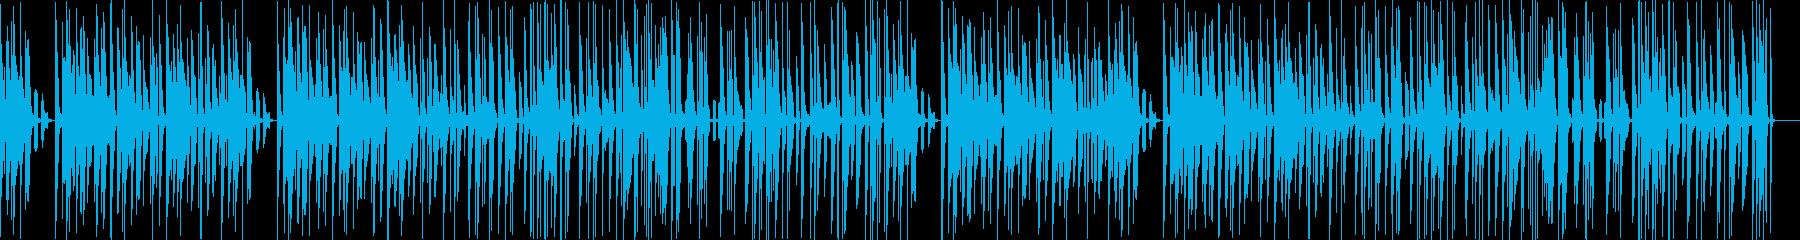 コメディ,お間抜けシーン おもちゃ楽器の再生済みの波形